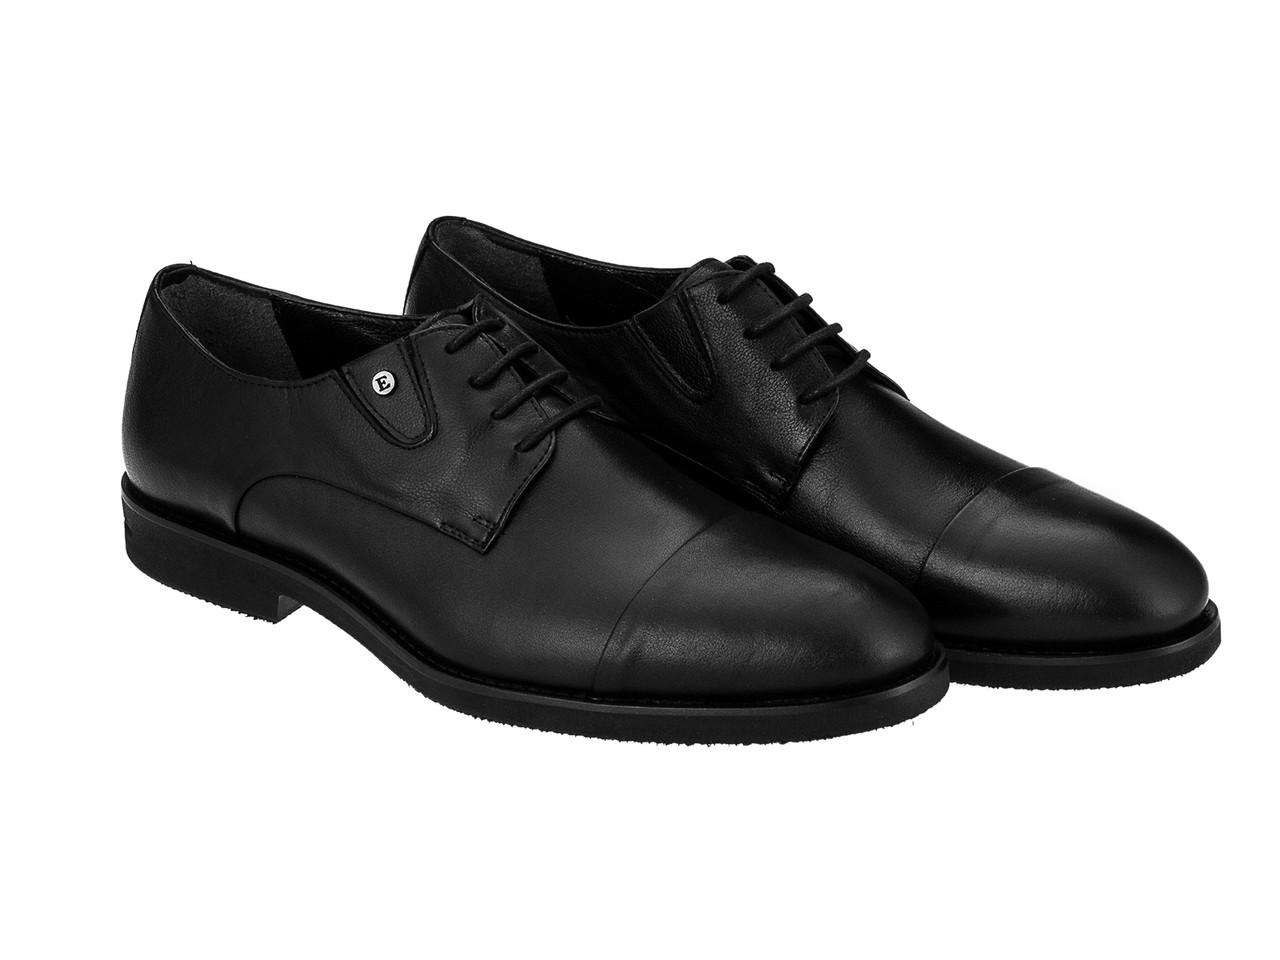 Туфли  Etor 13485-3949 45 черные